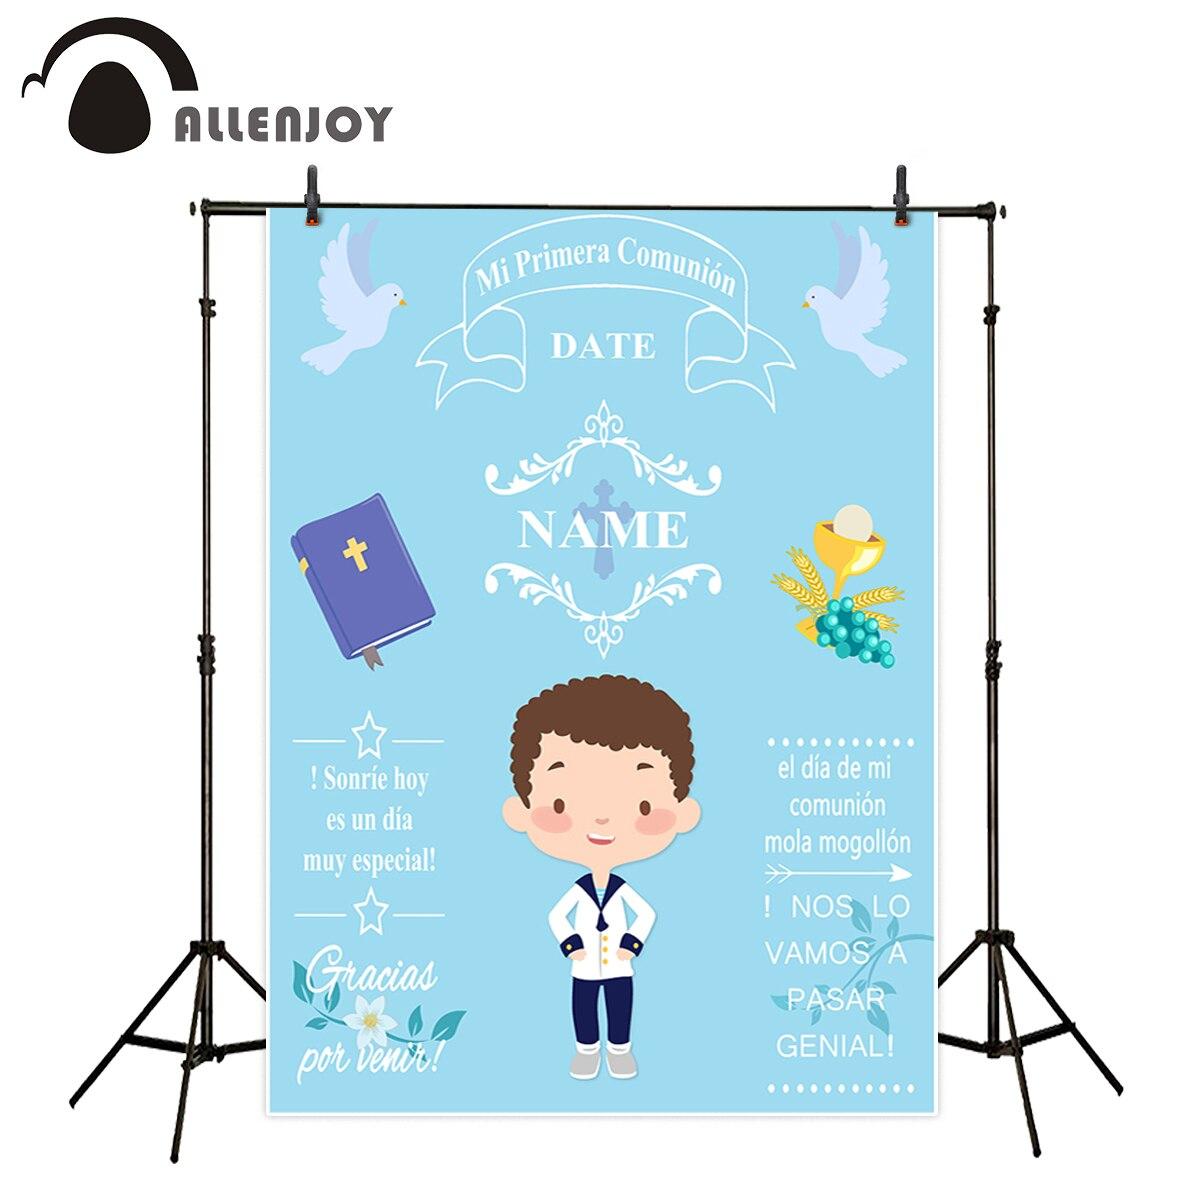 Allenjoy fondos para estudio de fotografía azul niño Primera Comunión decoración personalizar el Fondo diseño sesión fotográfica